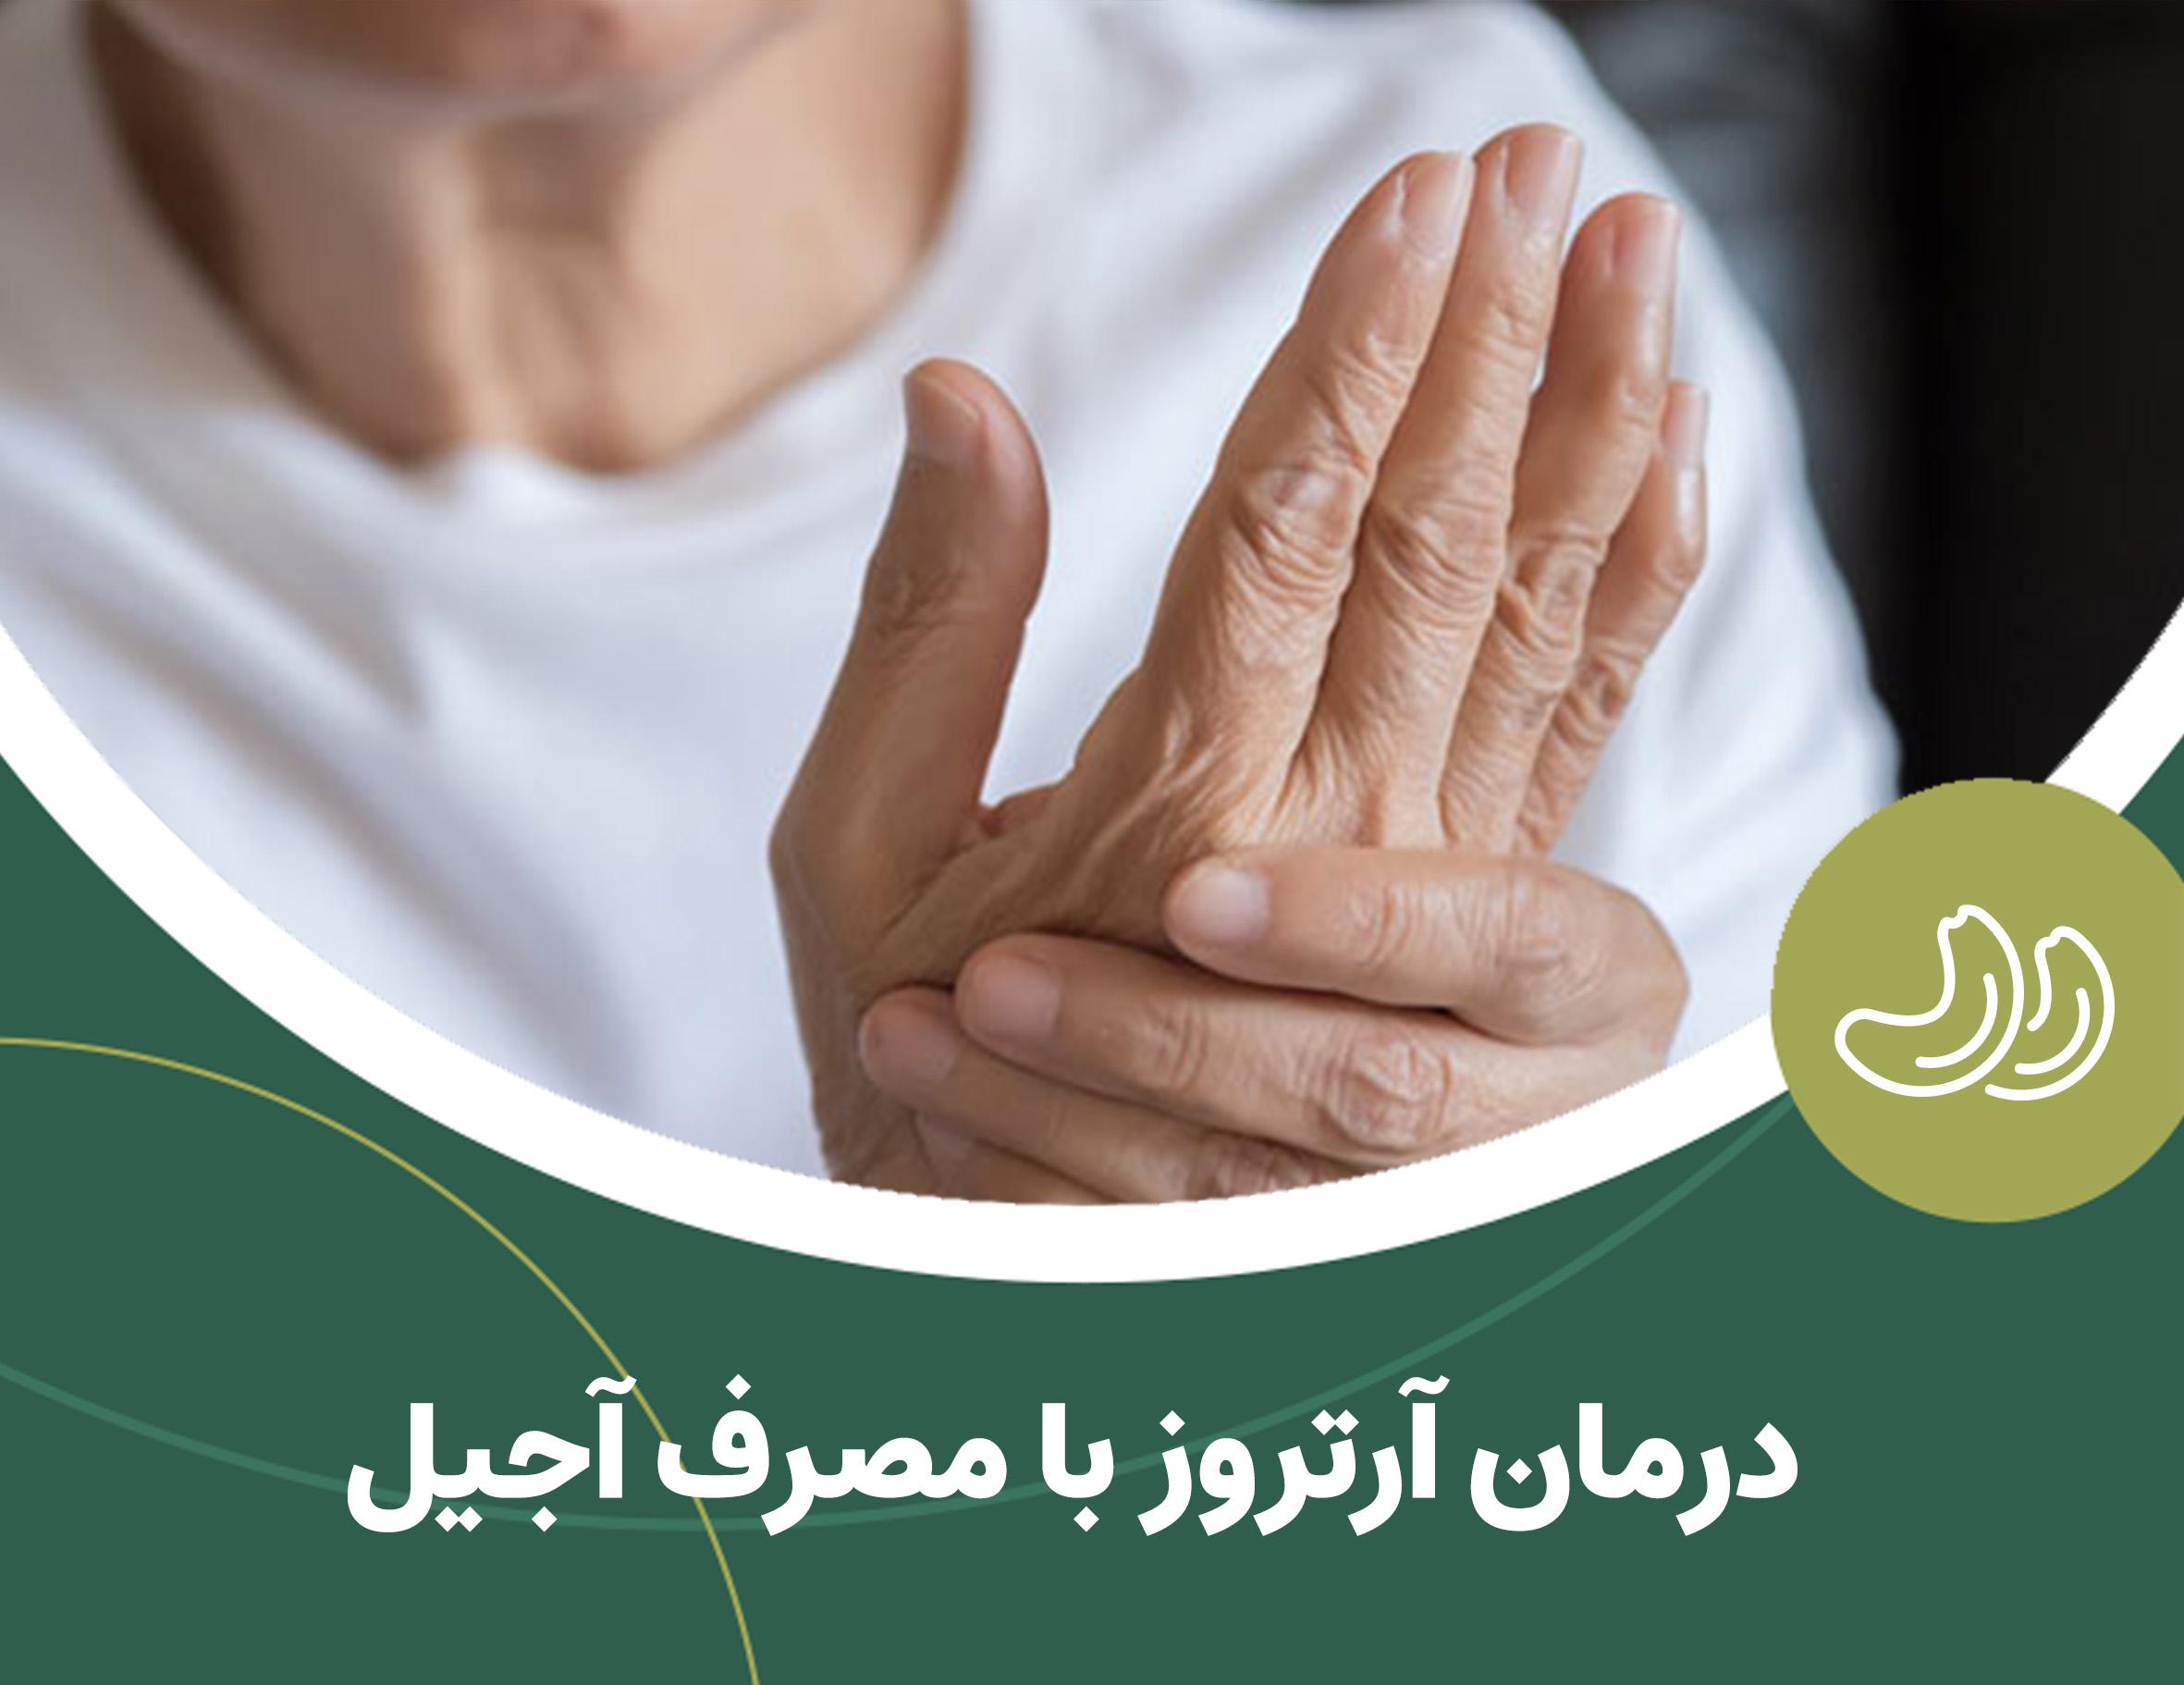 درمان آرتروز با مصرف آجیل